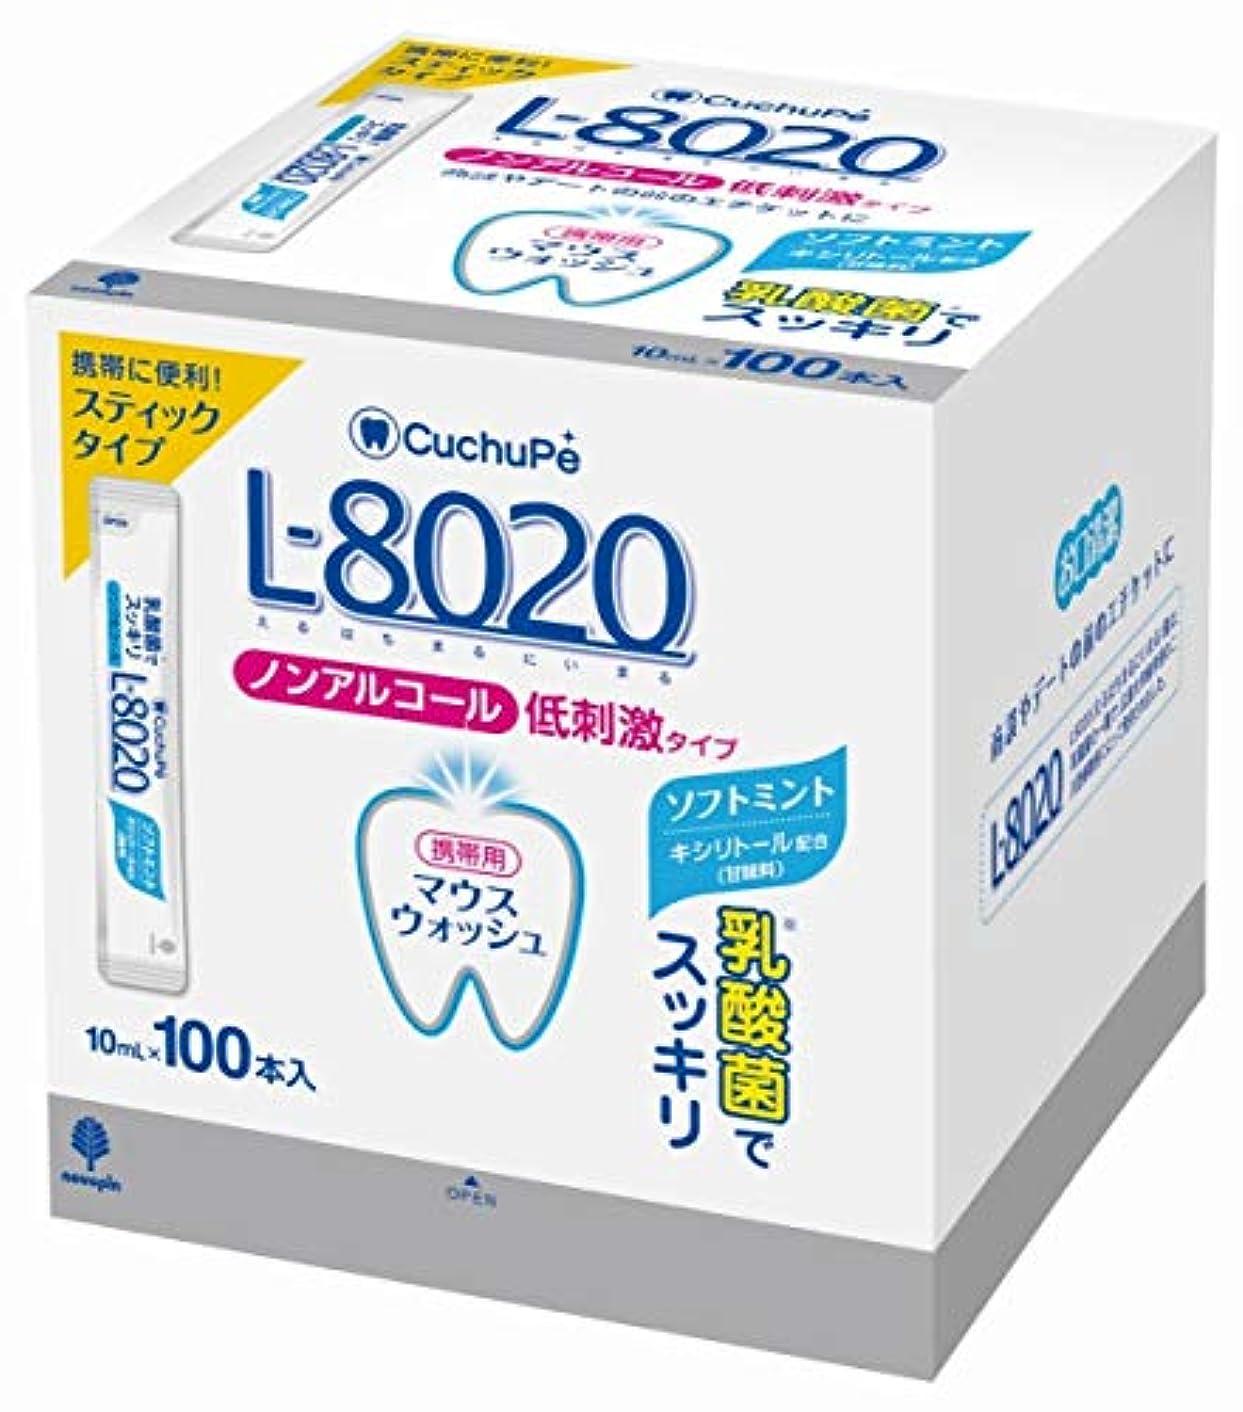 ひばり備品にもかかわらず日本製 made in japan クチュッペL-8020 ソフトミント スティックタイプ100本入(ノンアルコール) K-7092【まとめ買い10個セット】